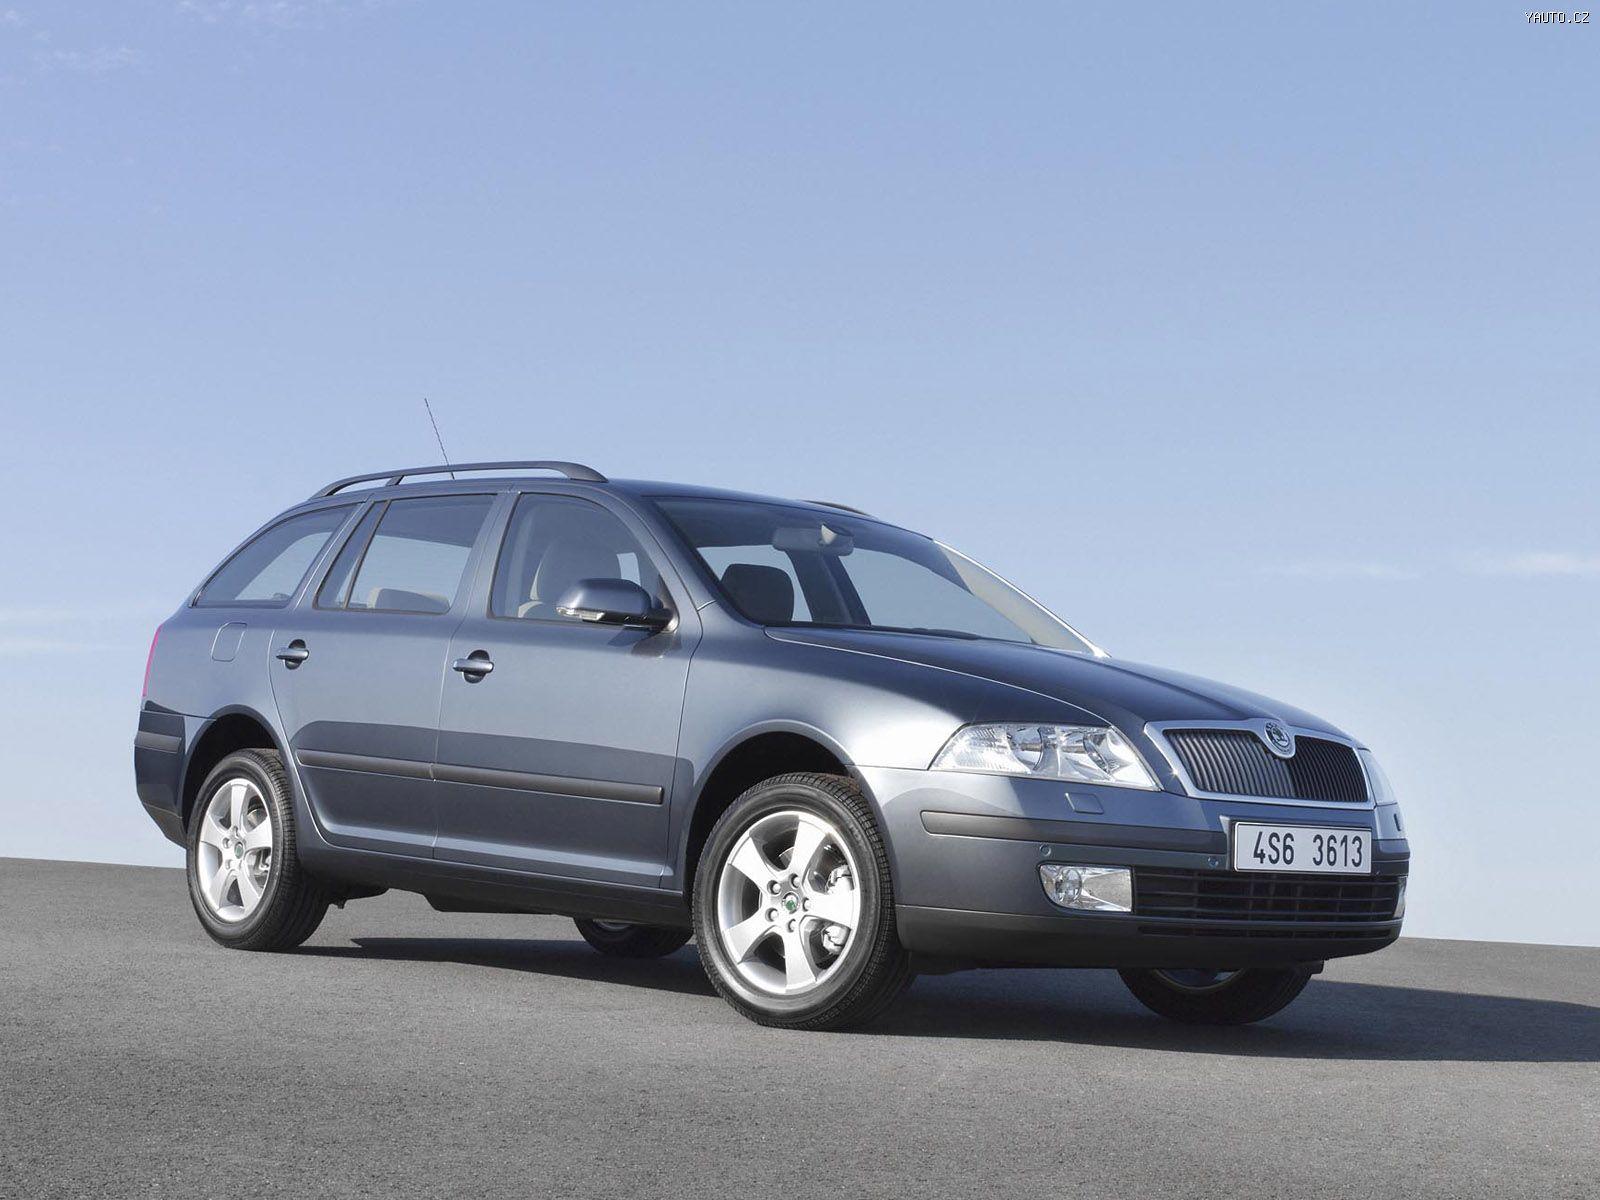 Škoda octavia ii combi 2005 auta na plochu tapety na